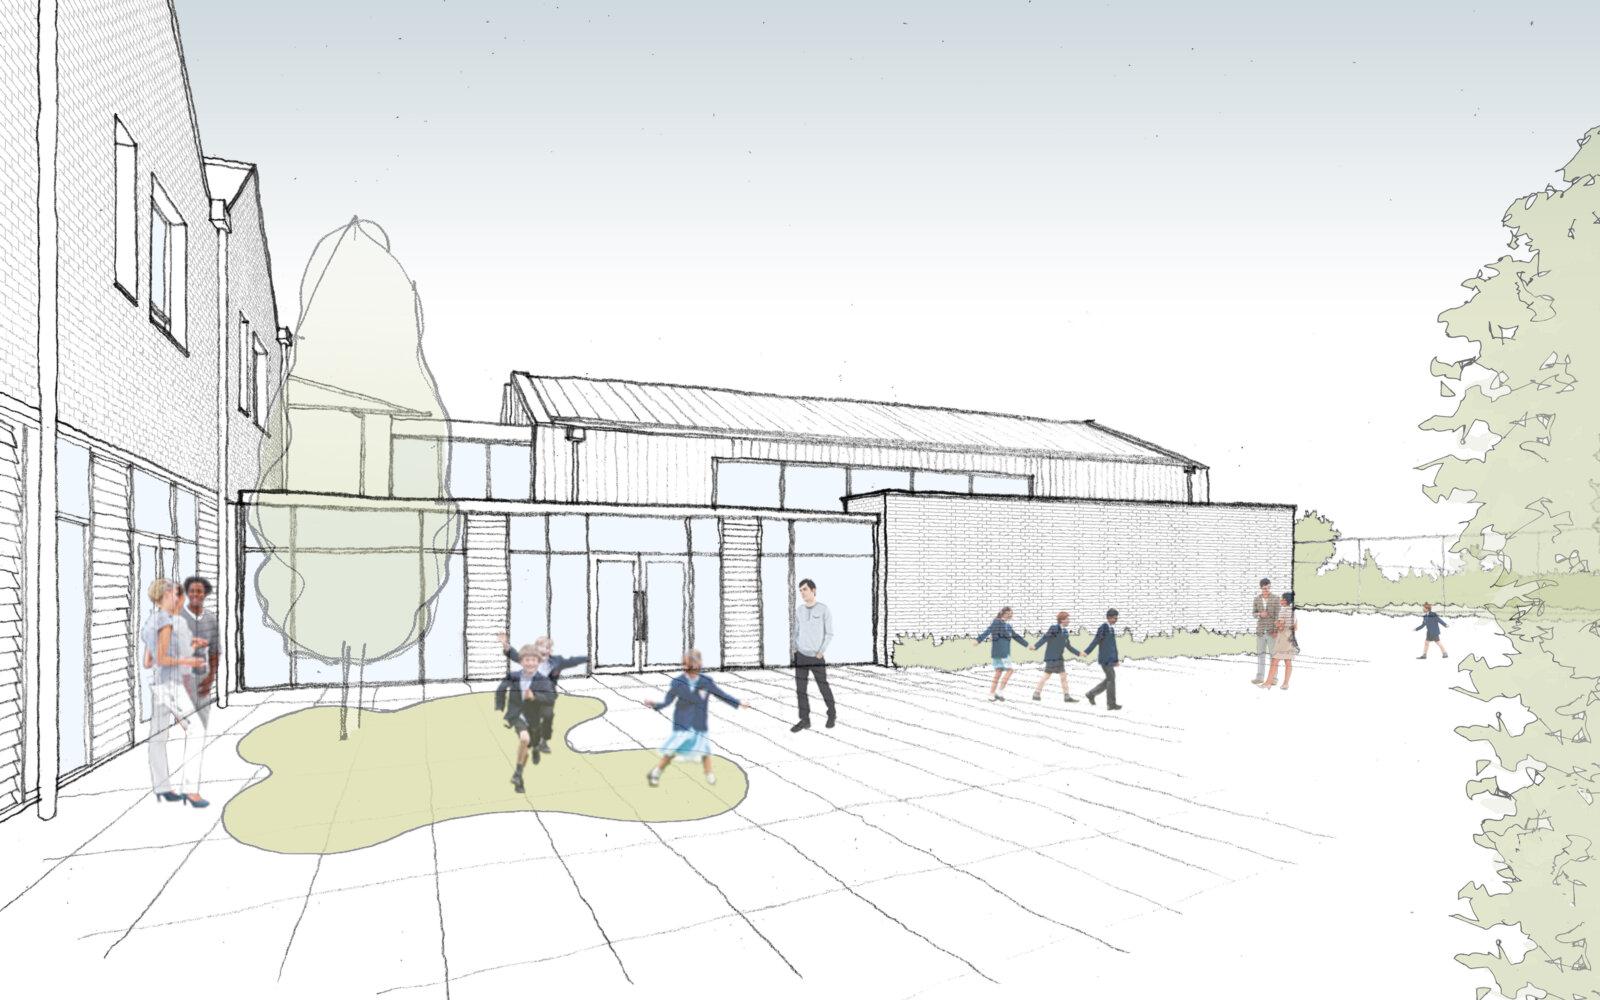 Chesham Preparatory School sketch